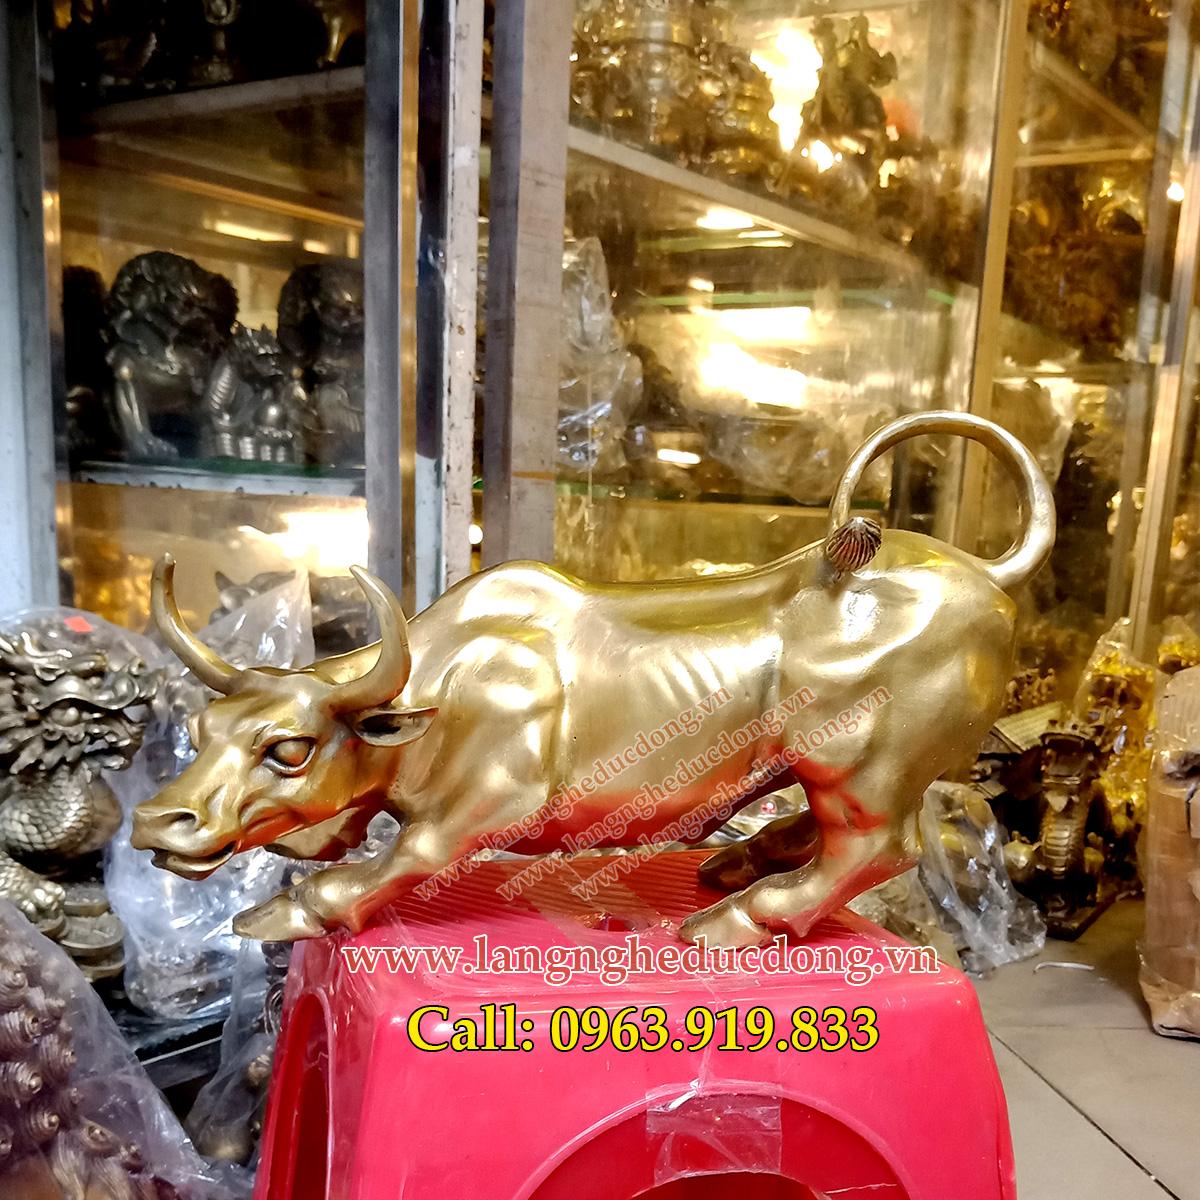 langngheducdong.vn - ngựa đồng, ngựa phong thủy, ngựa mạ vàng, tượng đồng mạ vàng, vật phẩm phong thủy mạ vàng